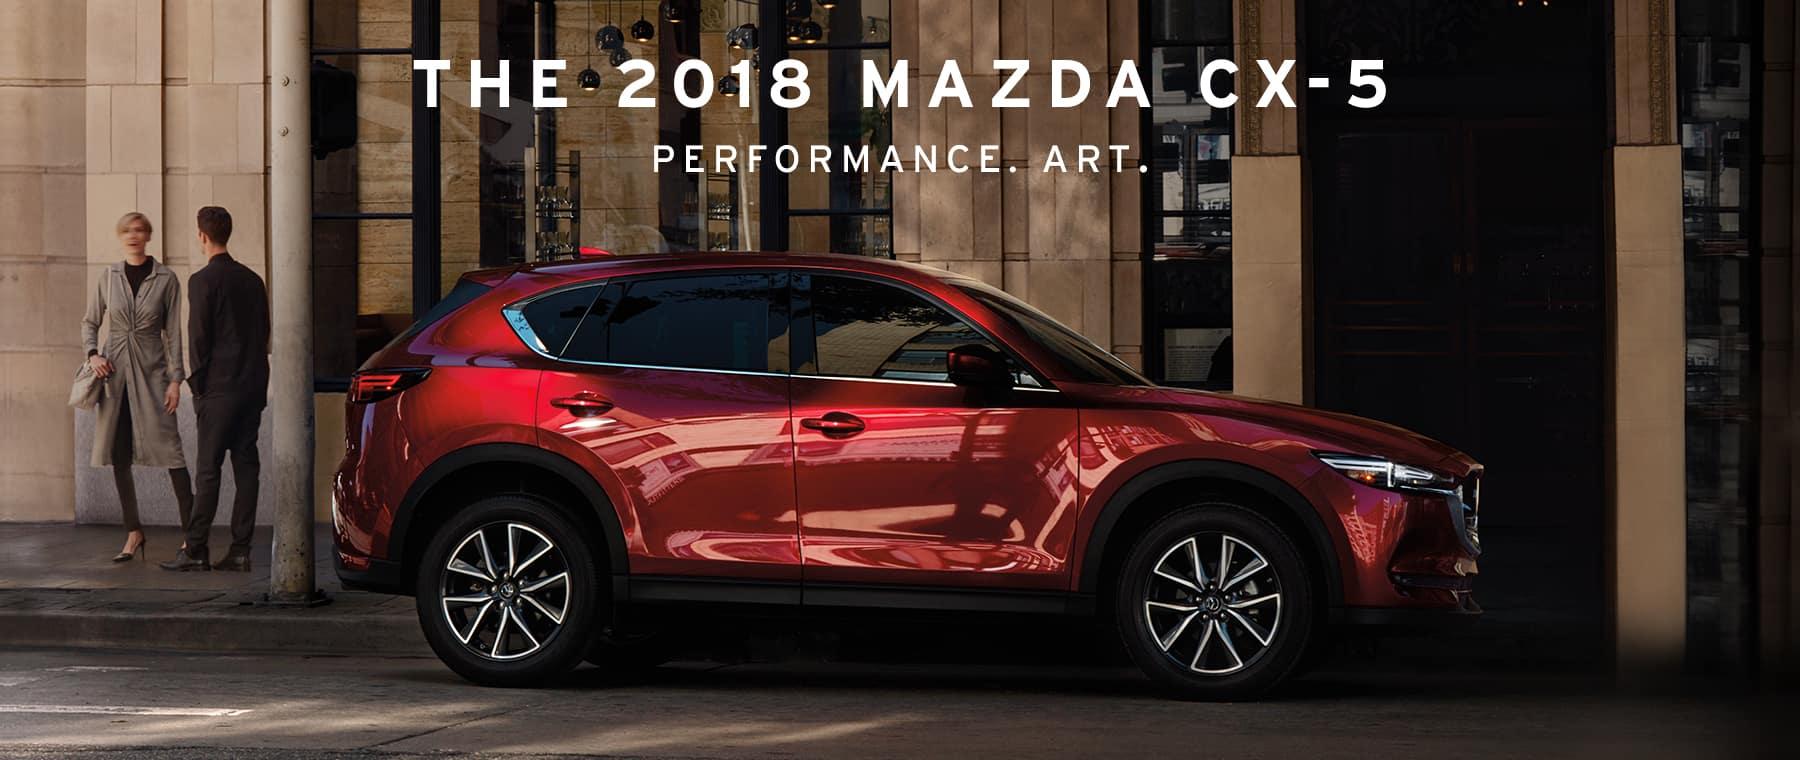 Quality Mazda | Mazda Dealer In Albuquerque, NM